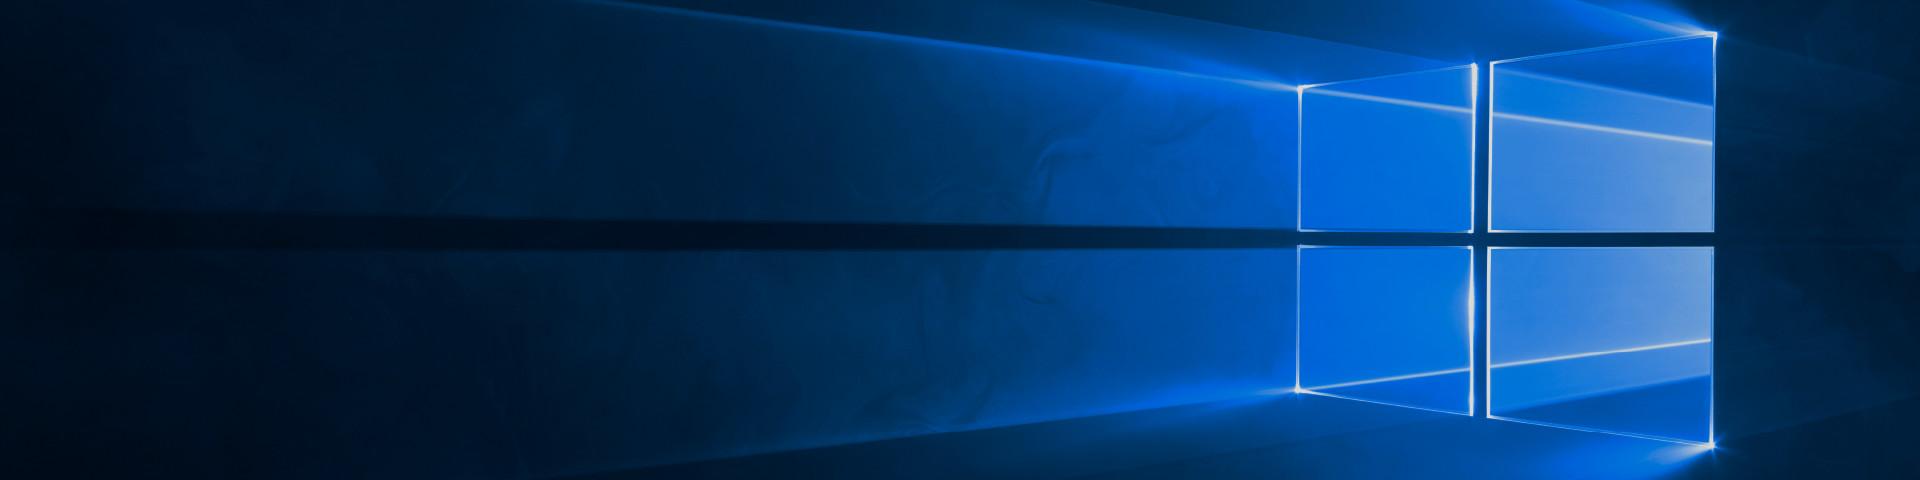 O Windows 10 chegou, faça o download gratuito.*